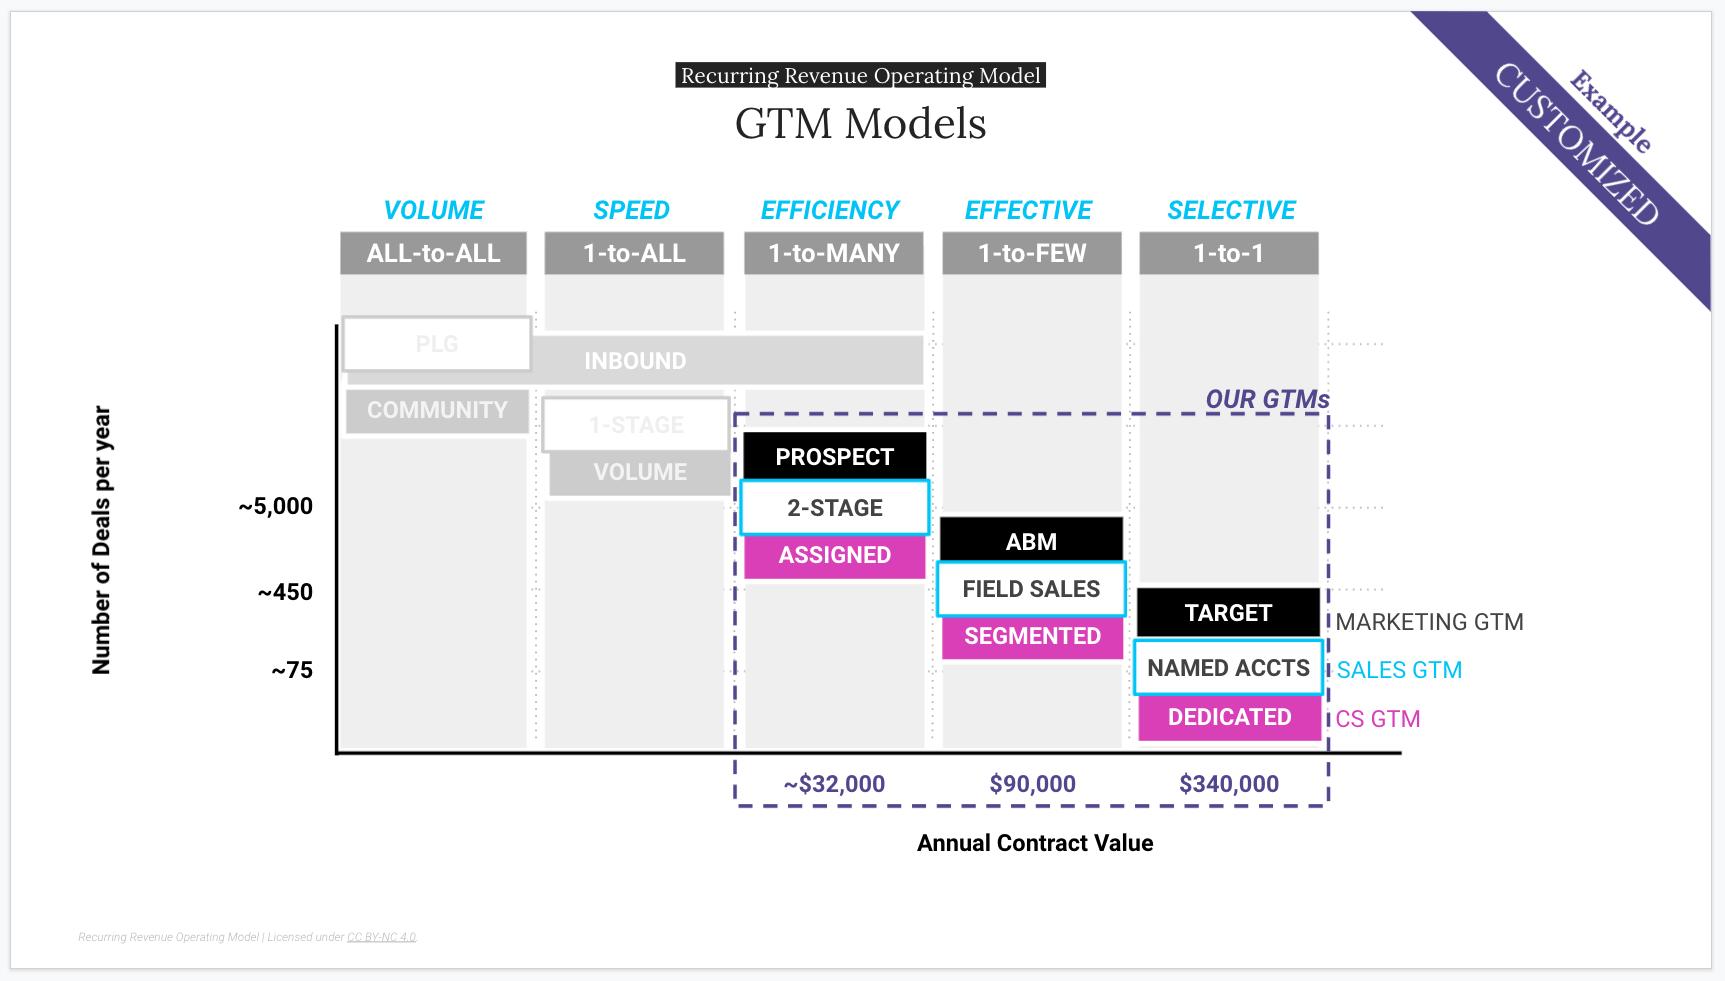 GTM Models Poster